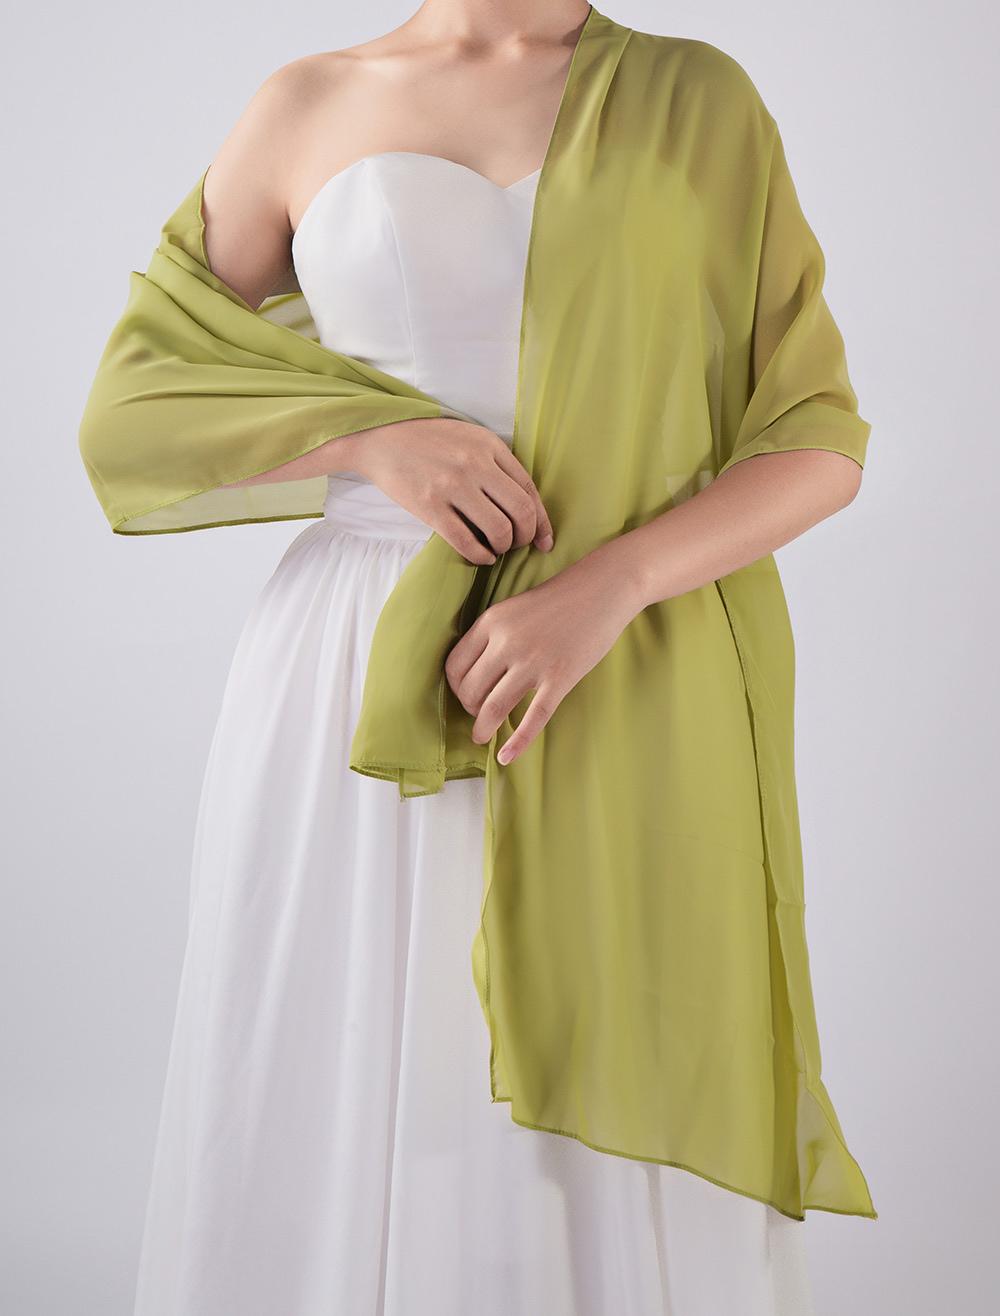 Hochzeit Zubehör Frauen Bolero Lange Wraps Elegante Weiß Sheer Sommer Formale Abendkleider Chiffon Cape Günstige Mäntel Braut Hochzeit Schals